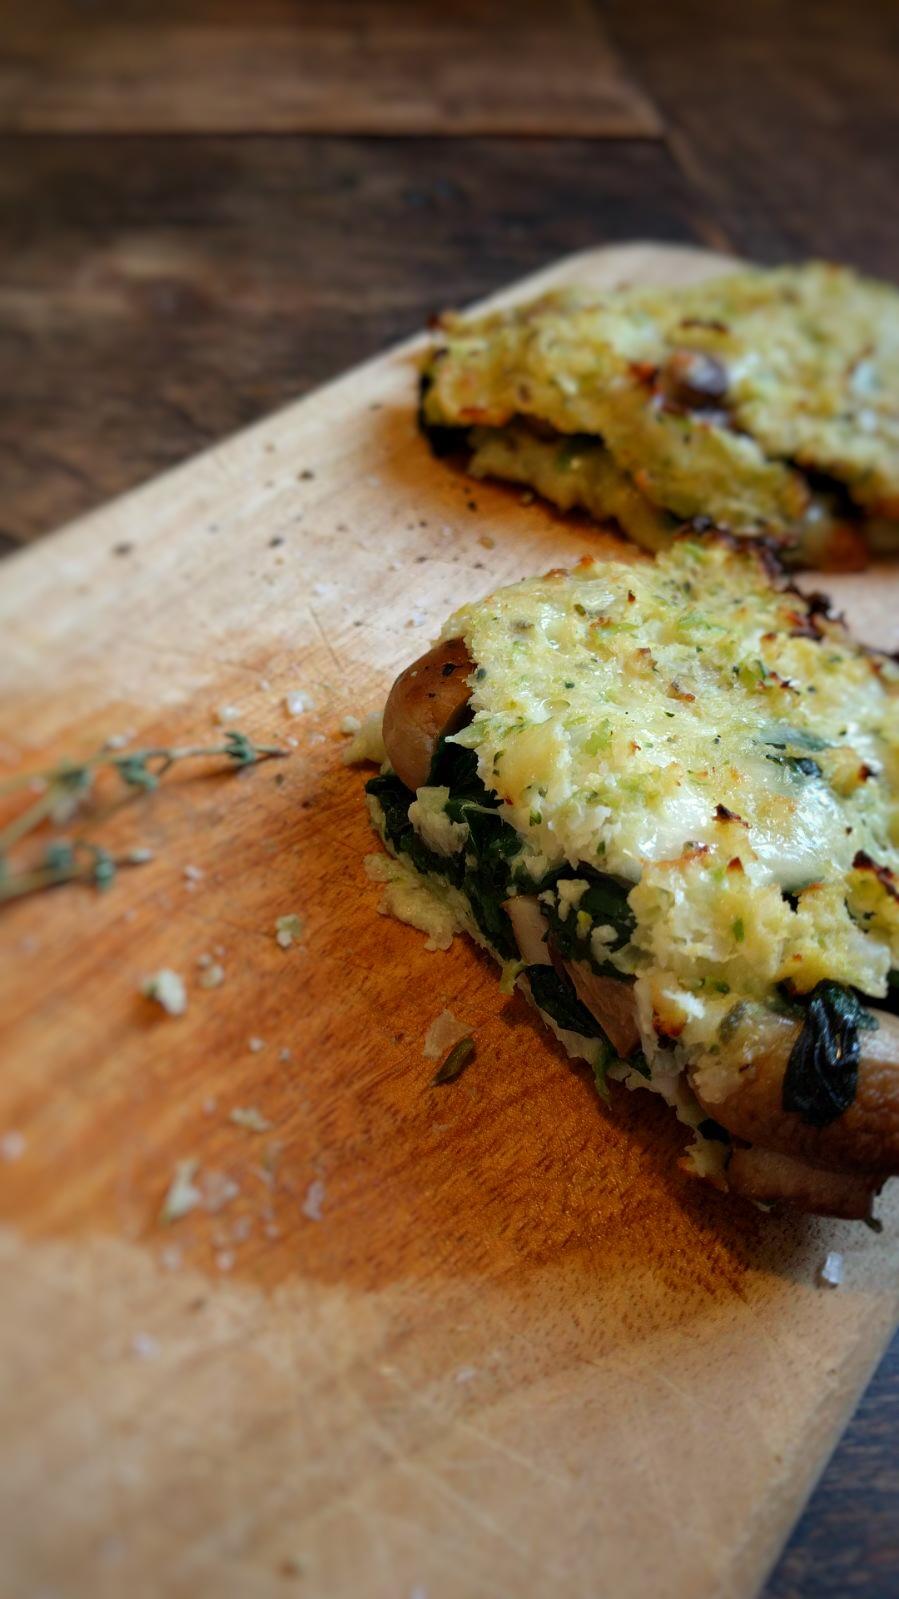 Bloemkoolrijst pizza met verse spinazie